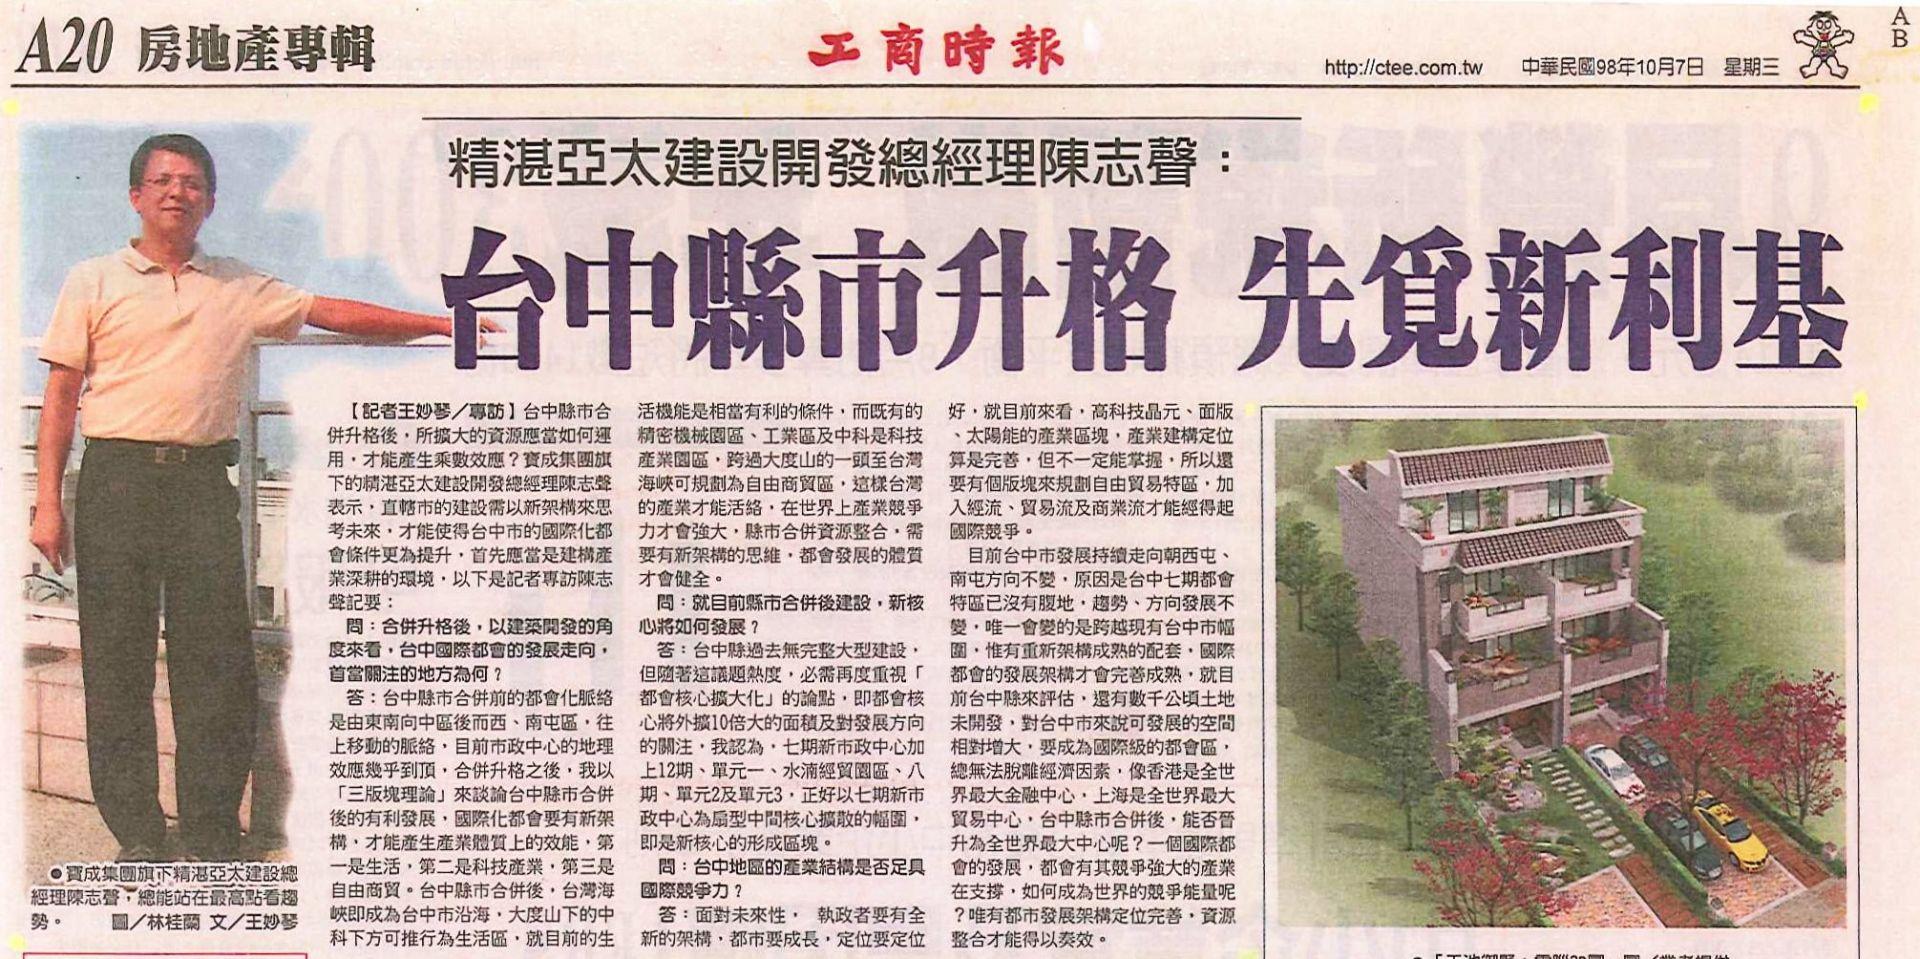 20091007 工商時報_精湛亞太建設開發總經理陳志聲台中縣升格 先覓新利基